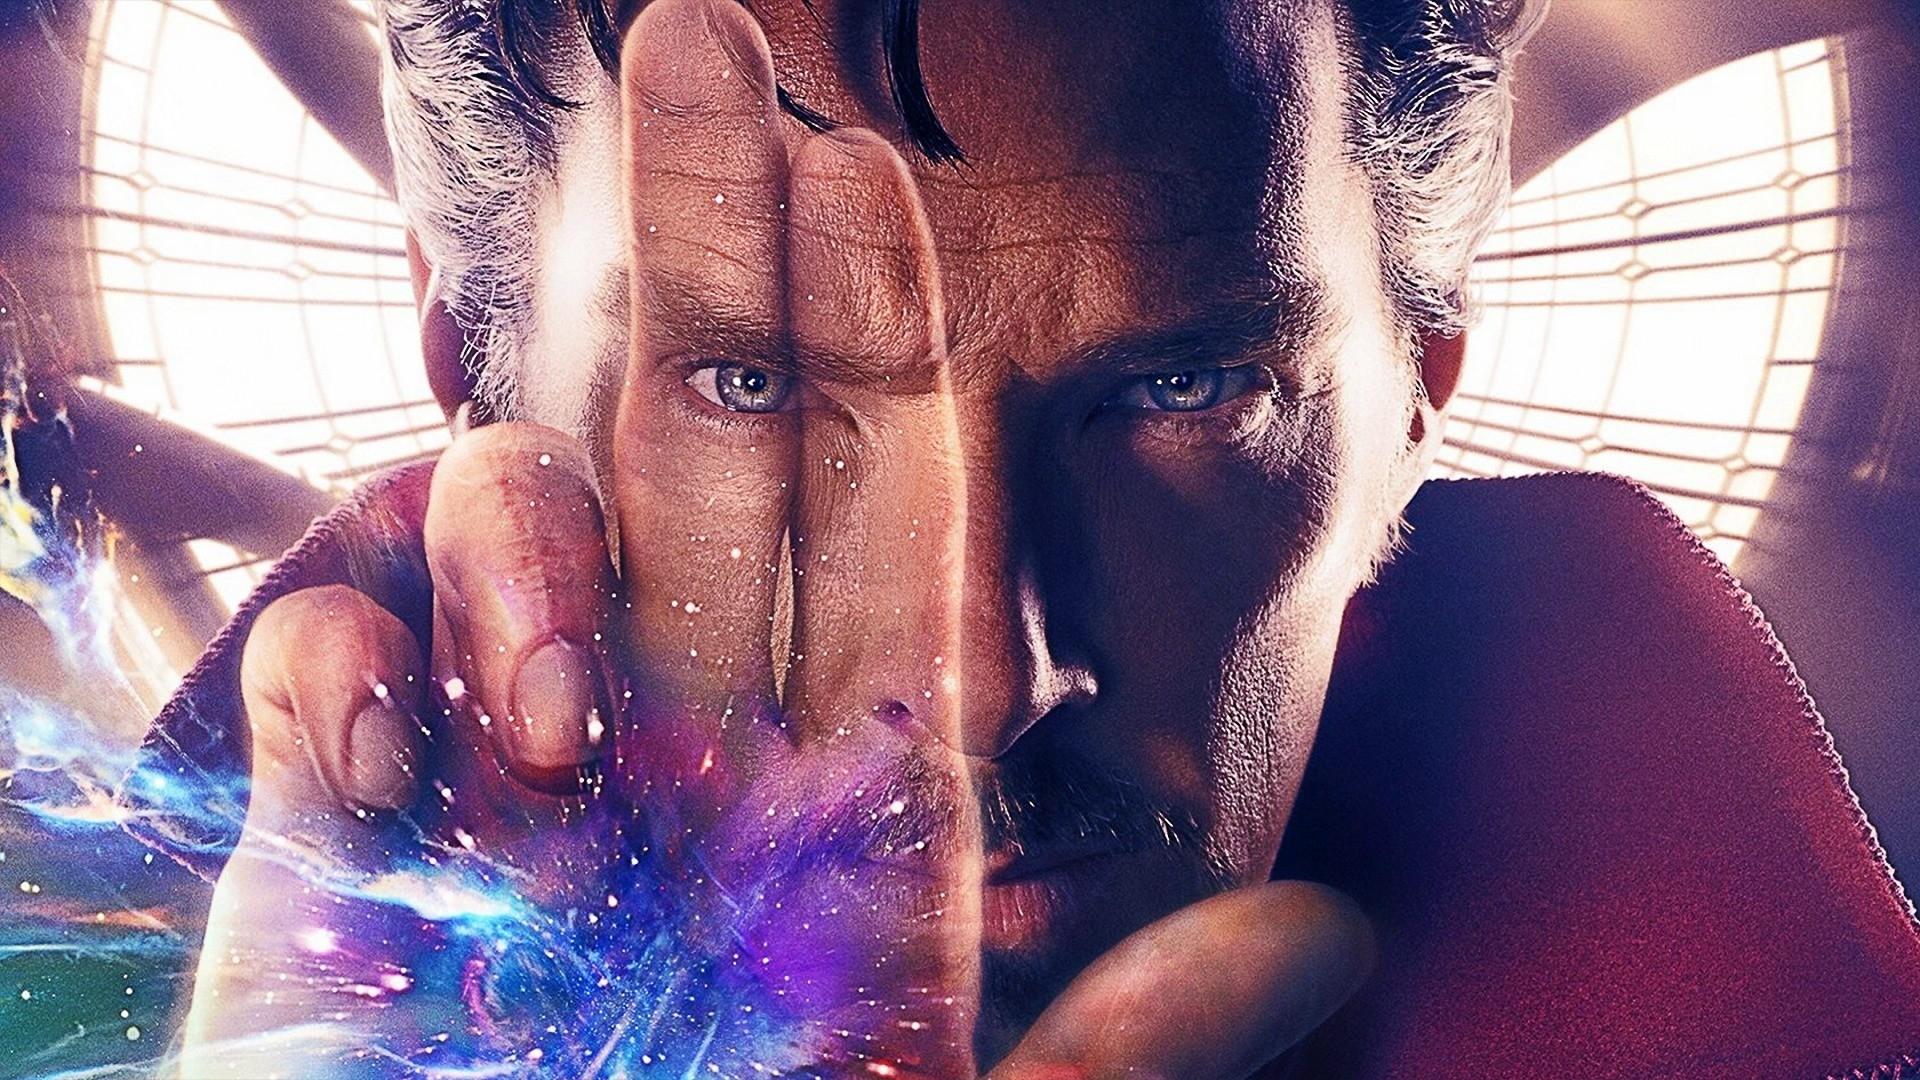 marvel film doctor strange 2